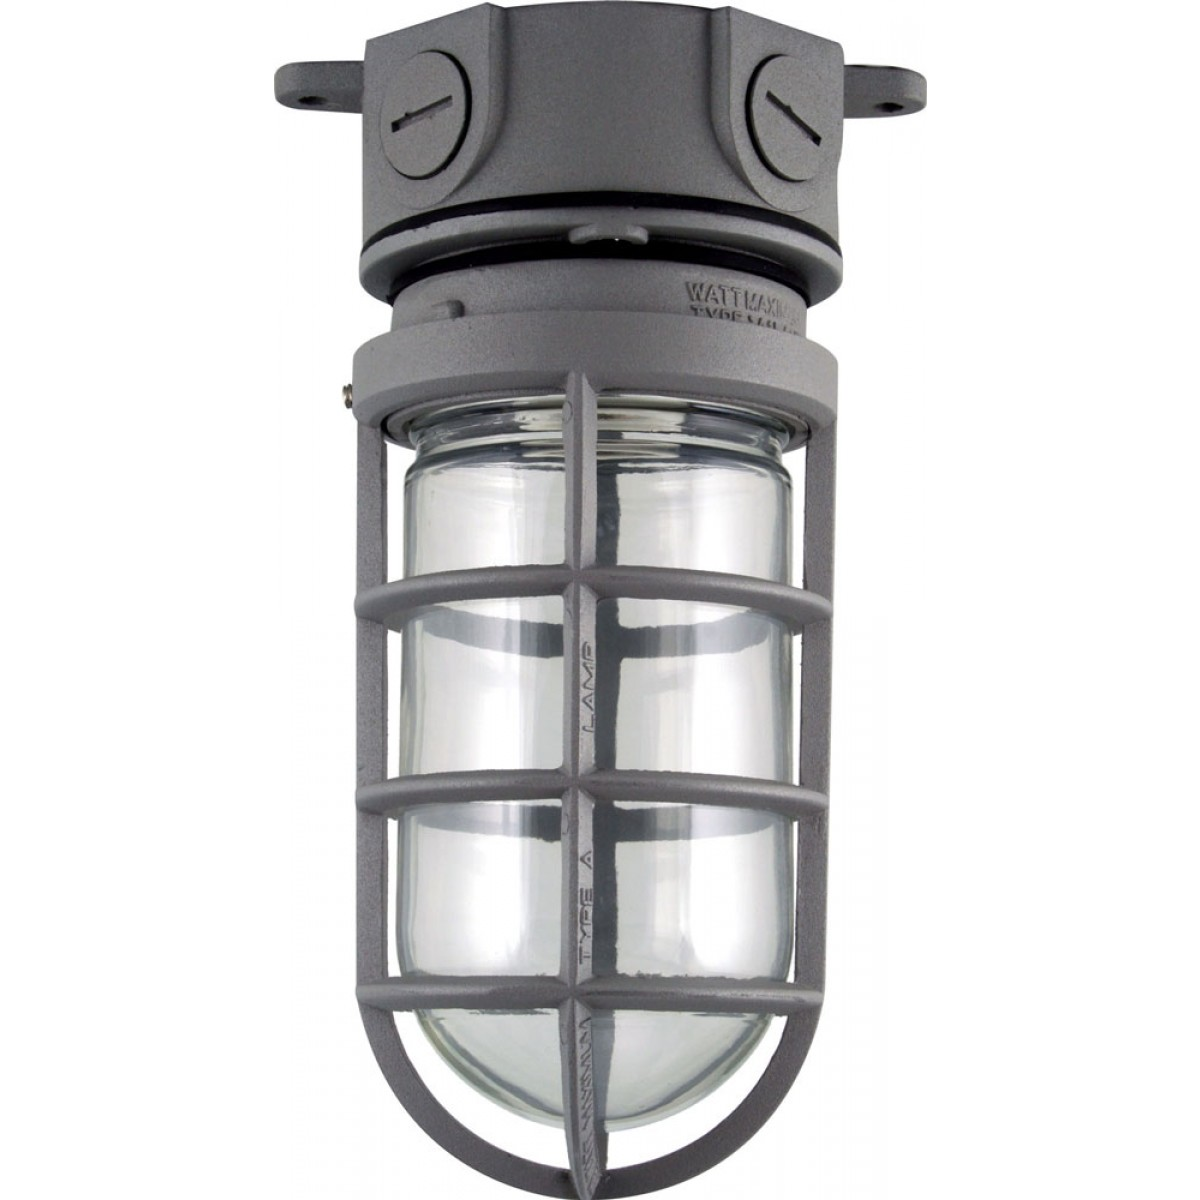 Vpb2 Vapor Proof Fixtures Line Voltage Hid Lighting